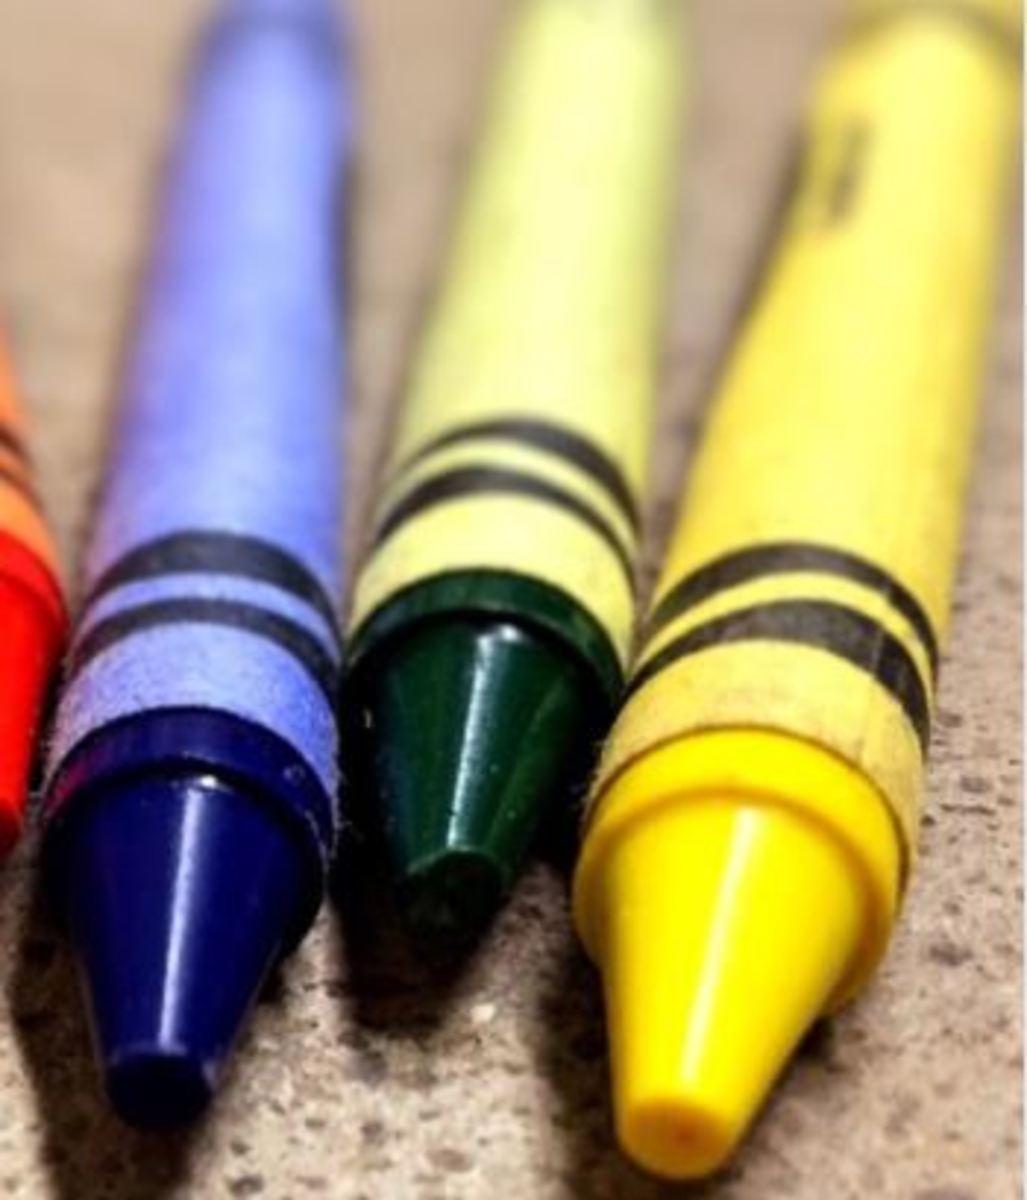 dog ate crayons